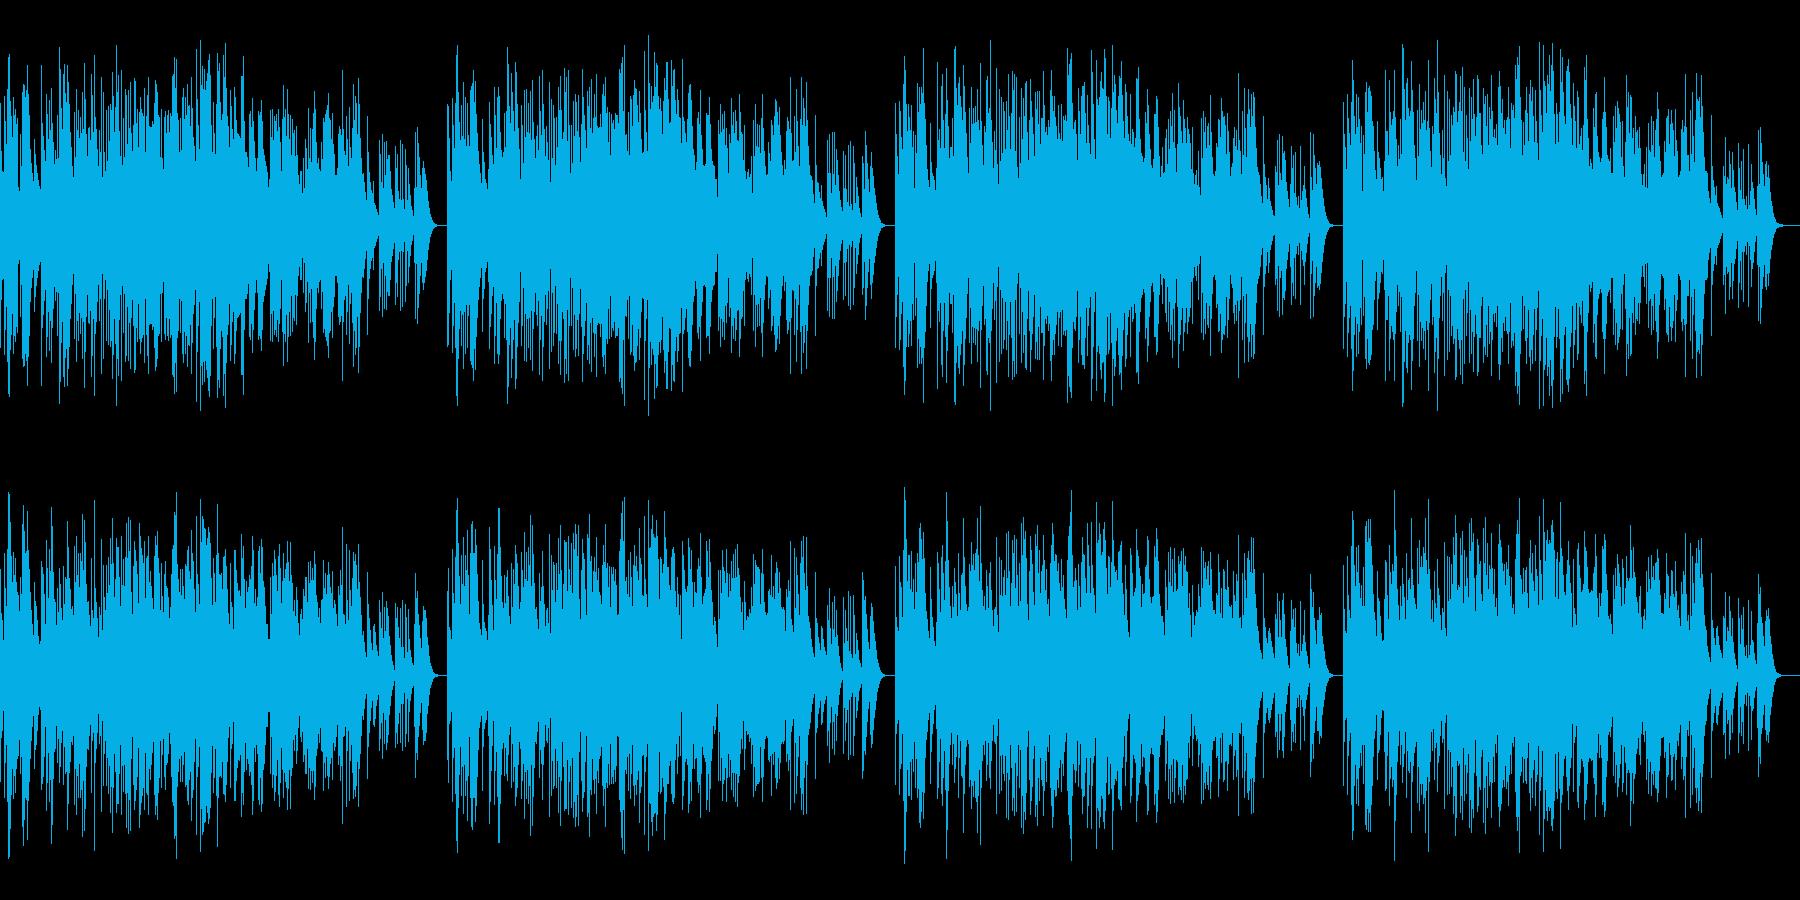 「もろびとこぞりて」オルゴールの再生済みの波形